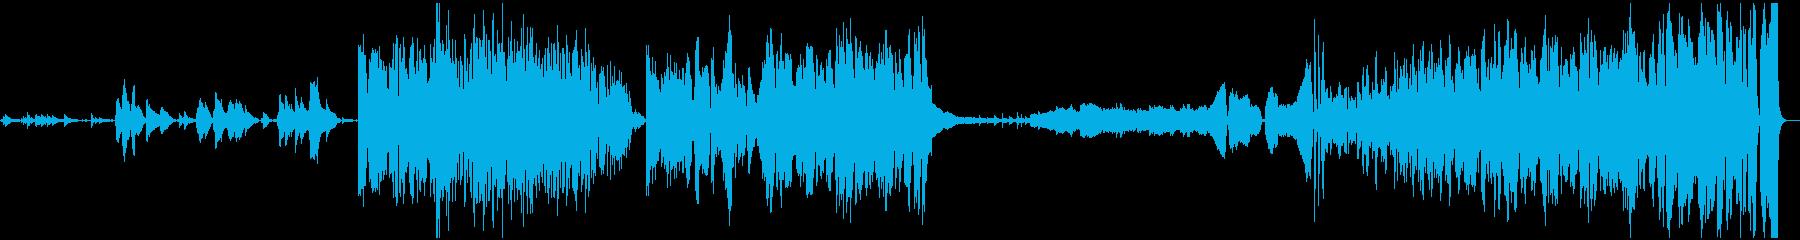 コンテンポラリー。クレッシェンド。の再生済みの波形